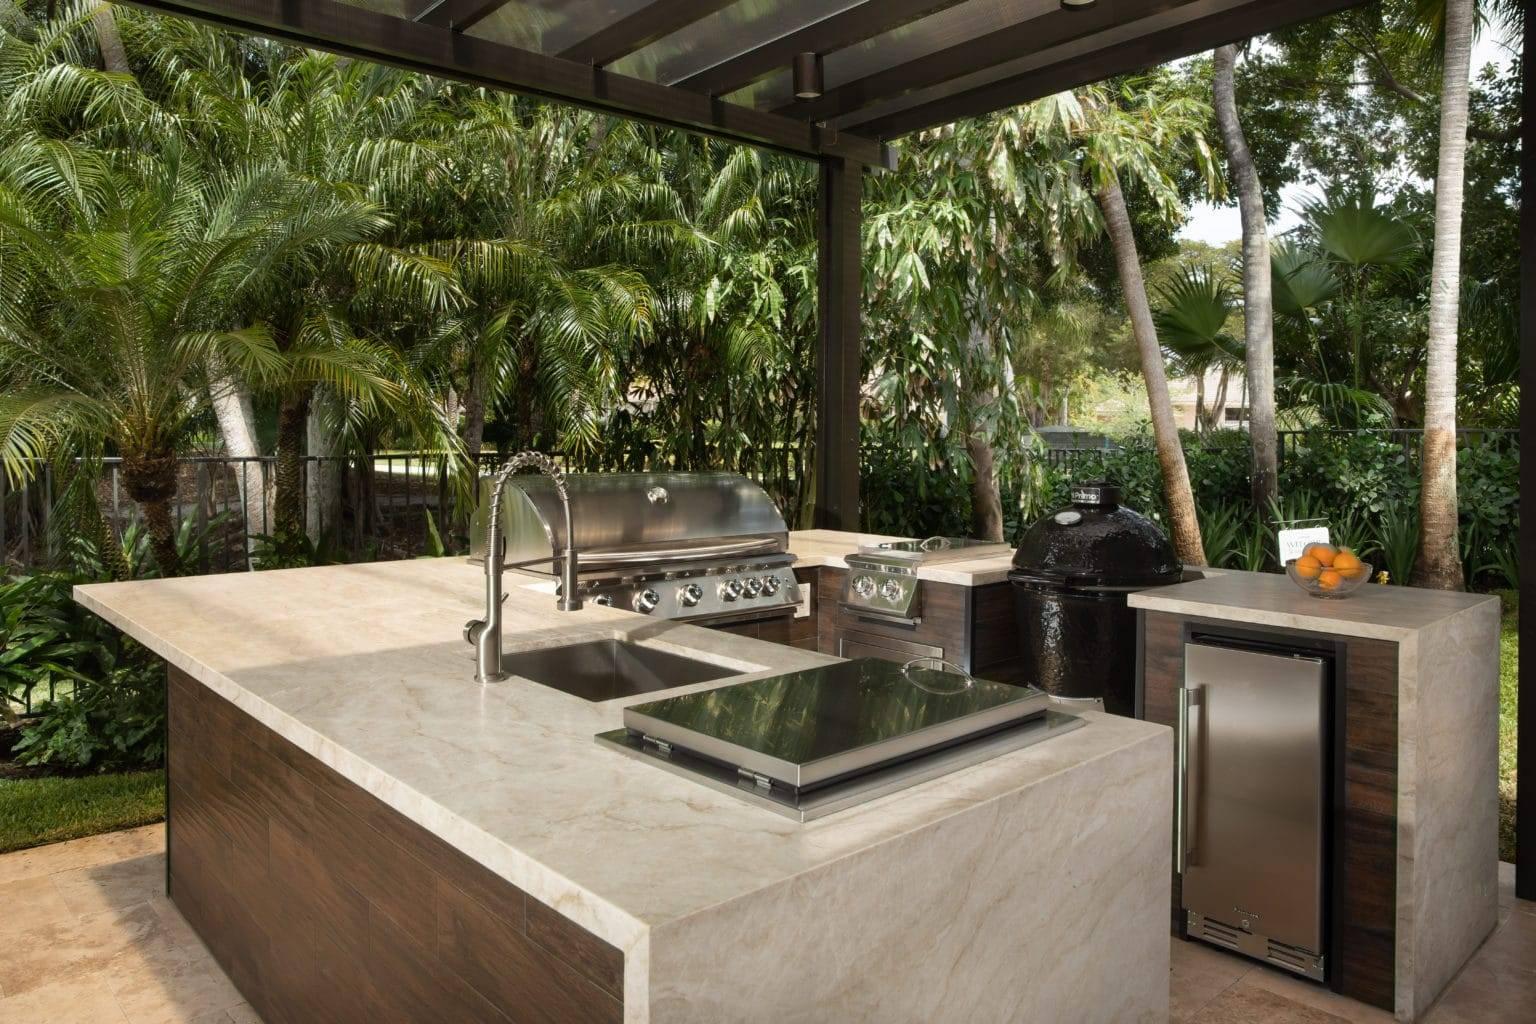 IMGL4585 Edit 1536x1024, Primestones® Granite, Quartz, Marble